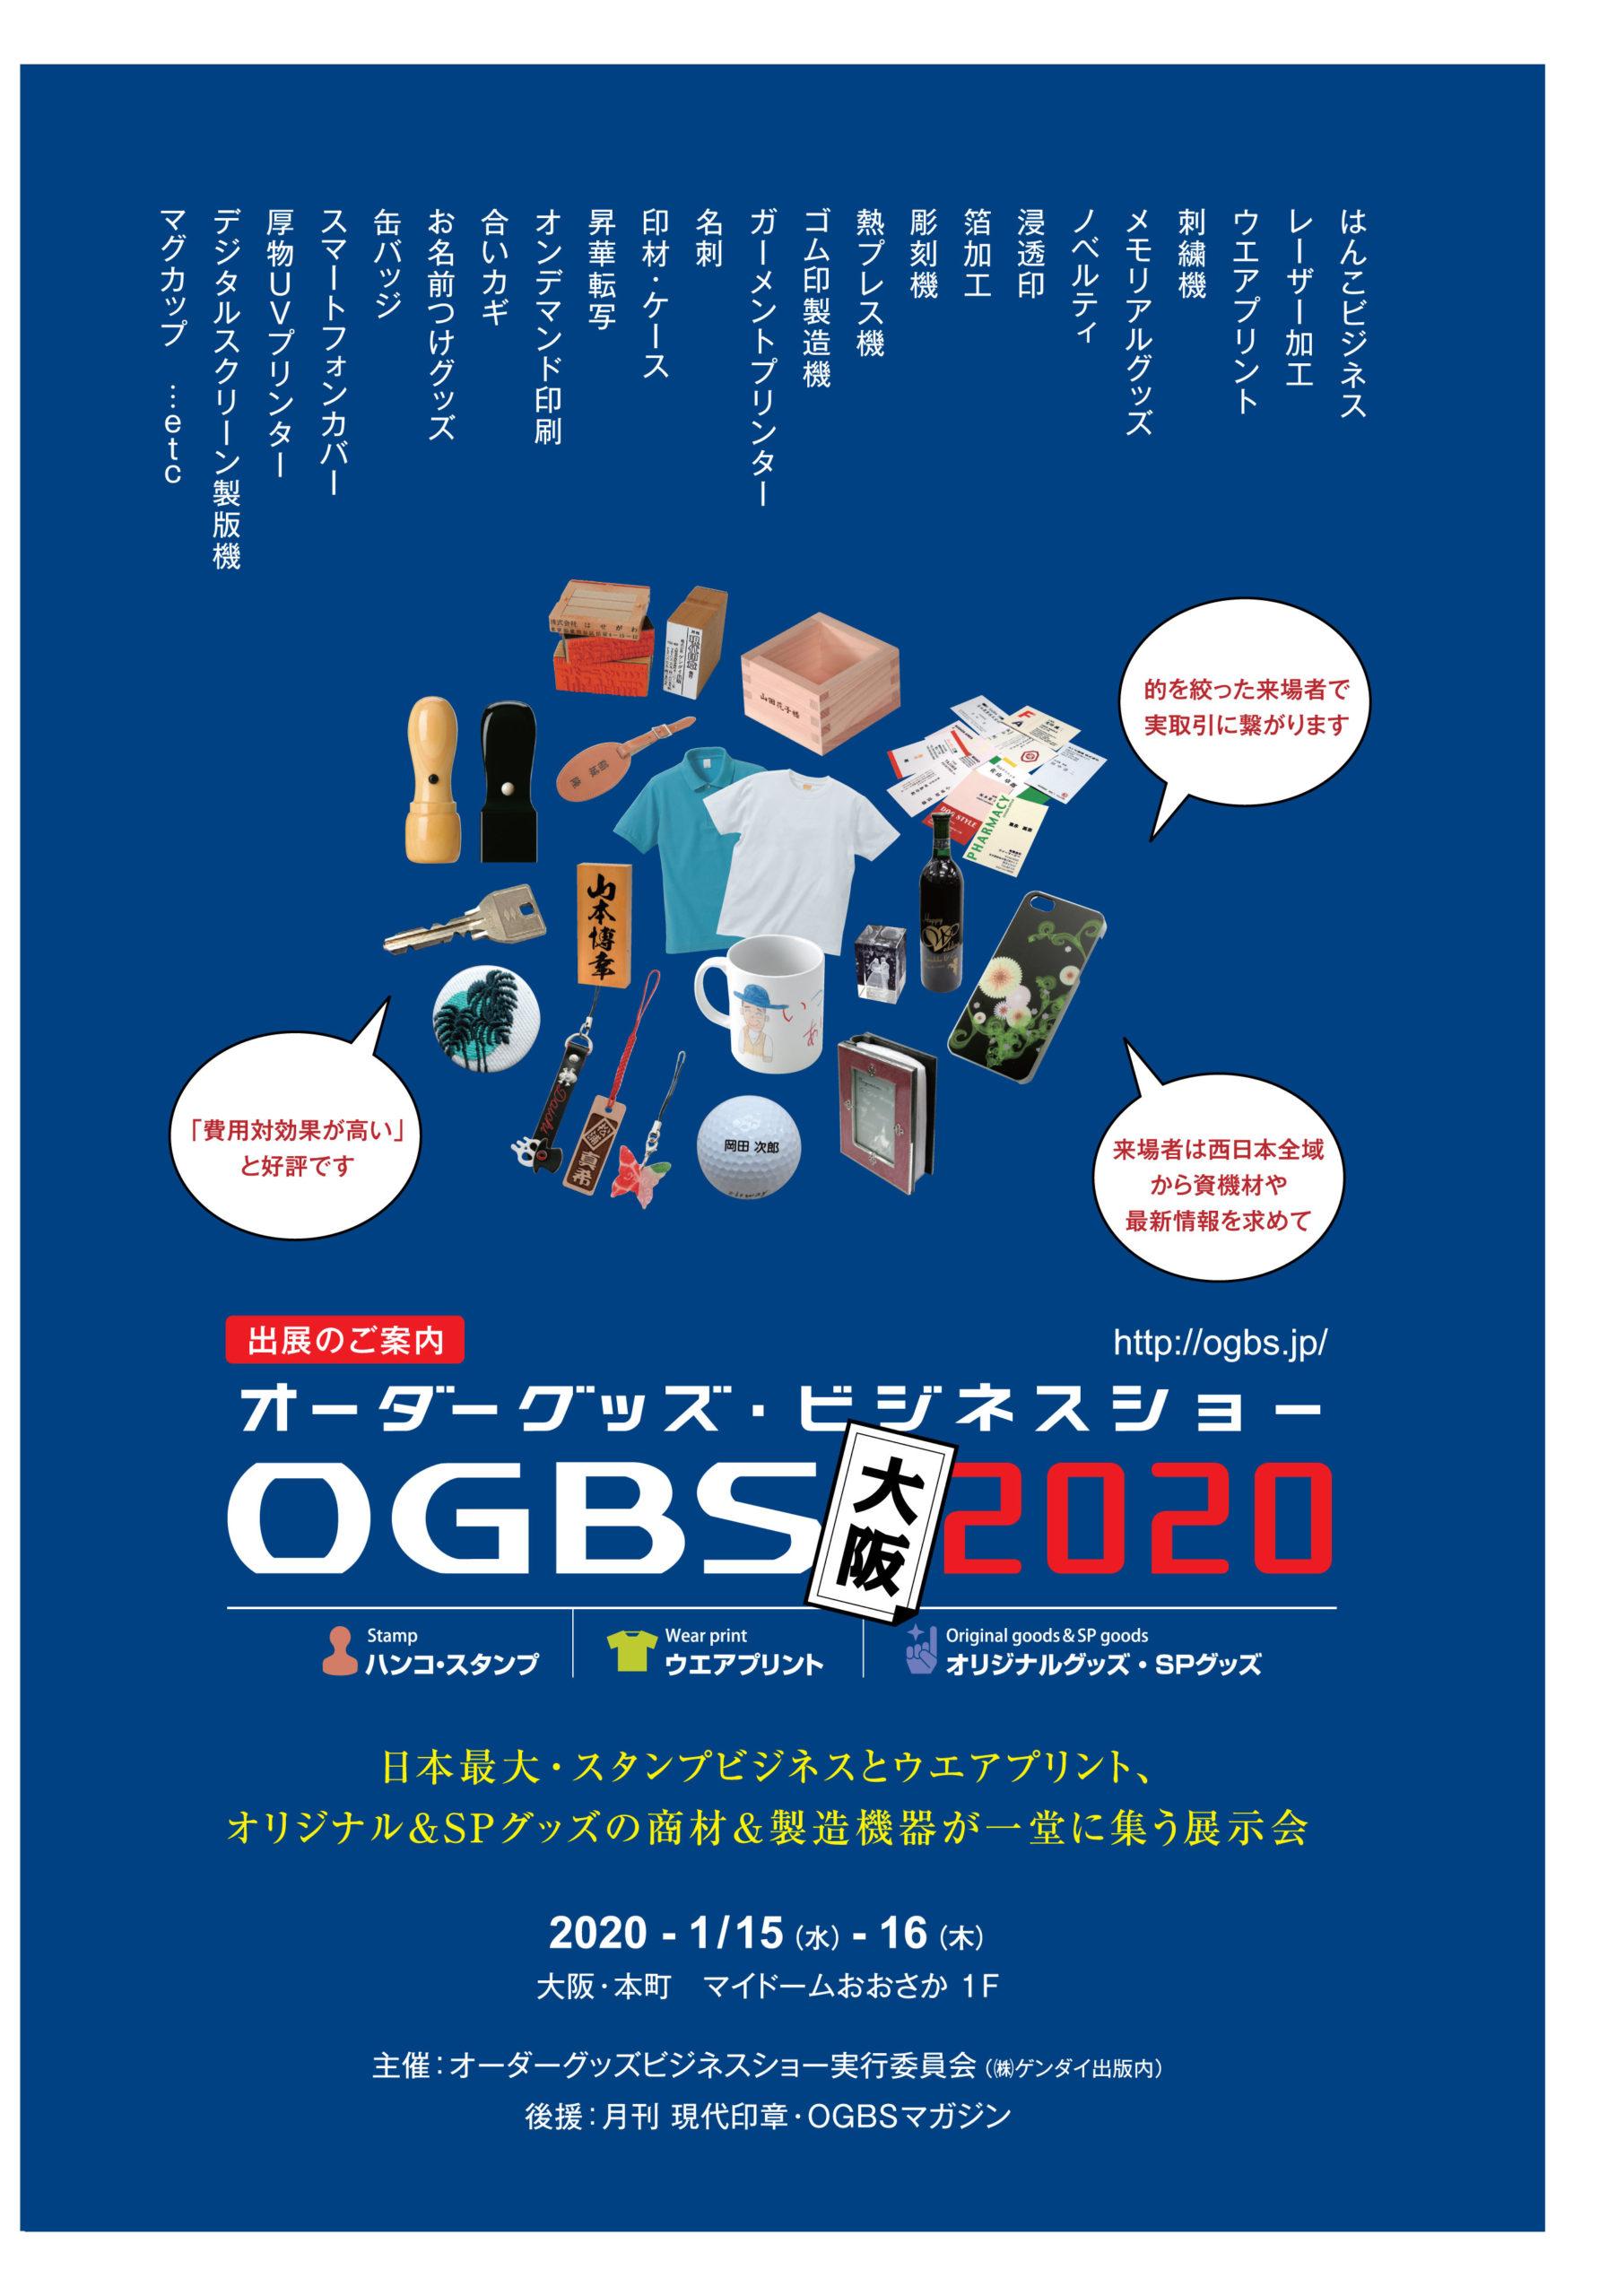 オーダーグッズ・ビジネスショー大阪2020 出展